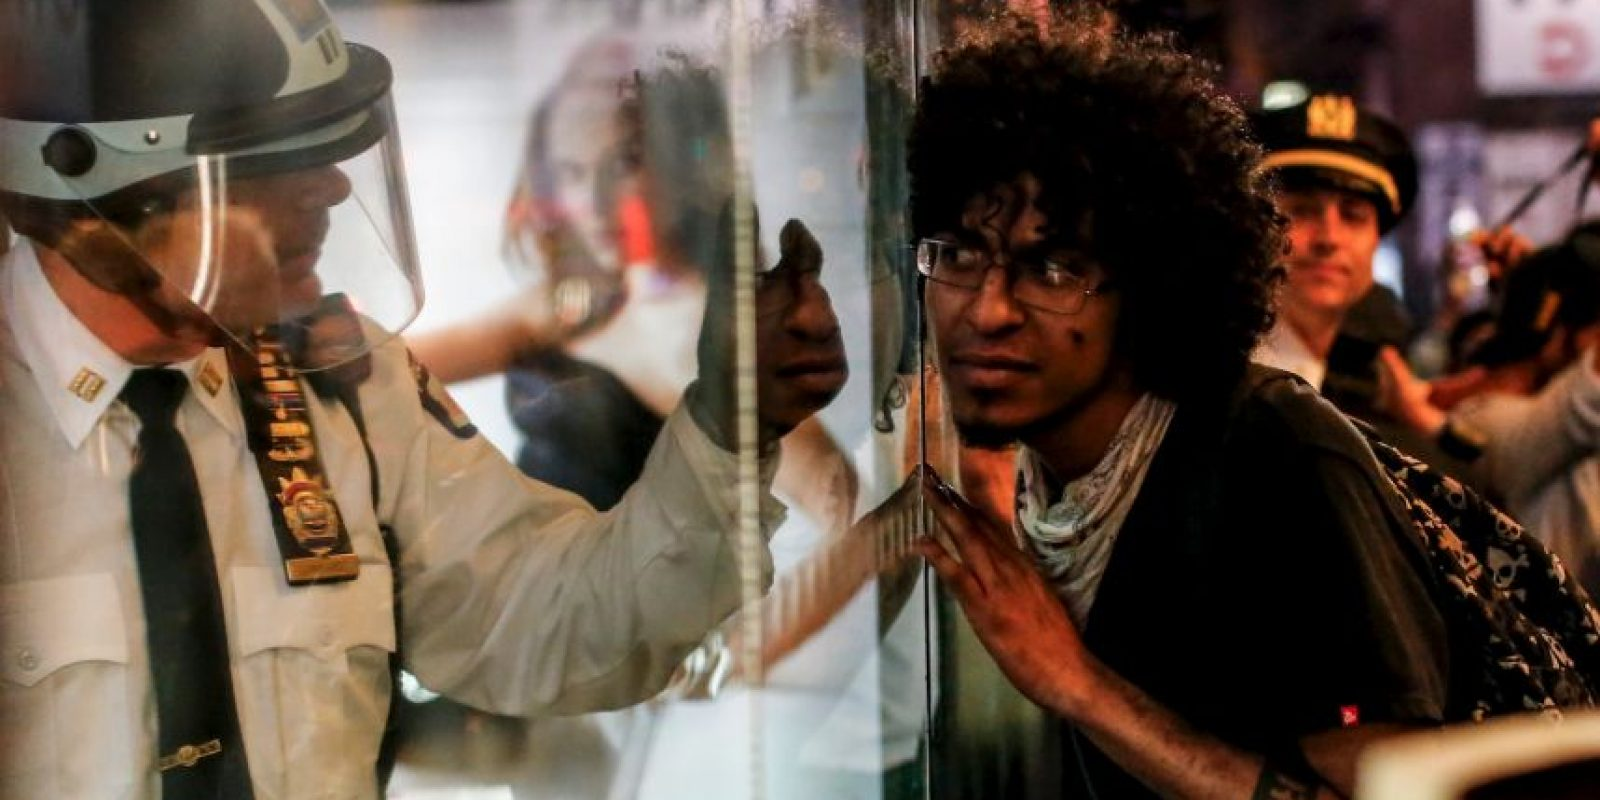 Las protestas son contra la brutalidad policial hacía la gente negra. Foto:Getty Images